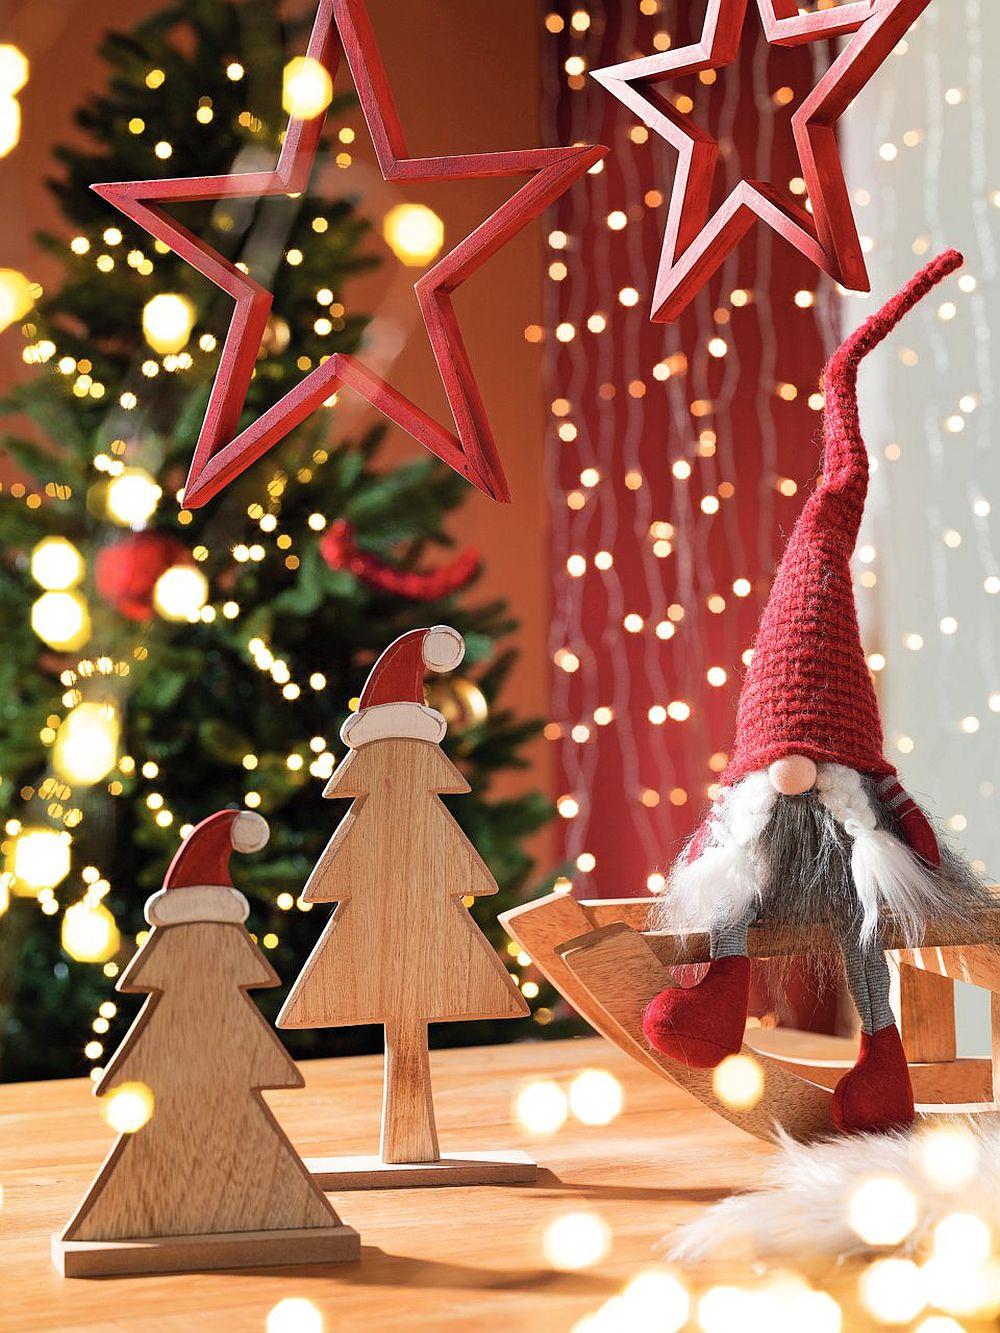 Vezi mai multe decorațiuni de Crăciun AICI